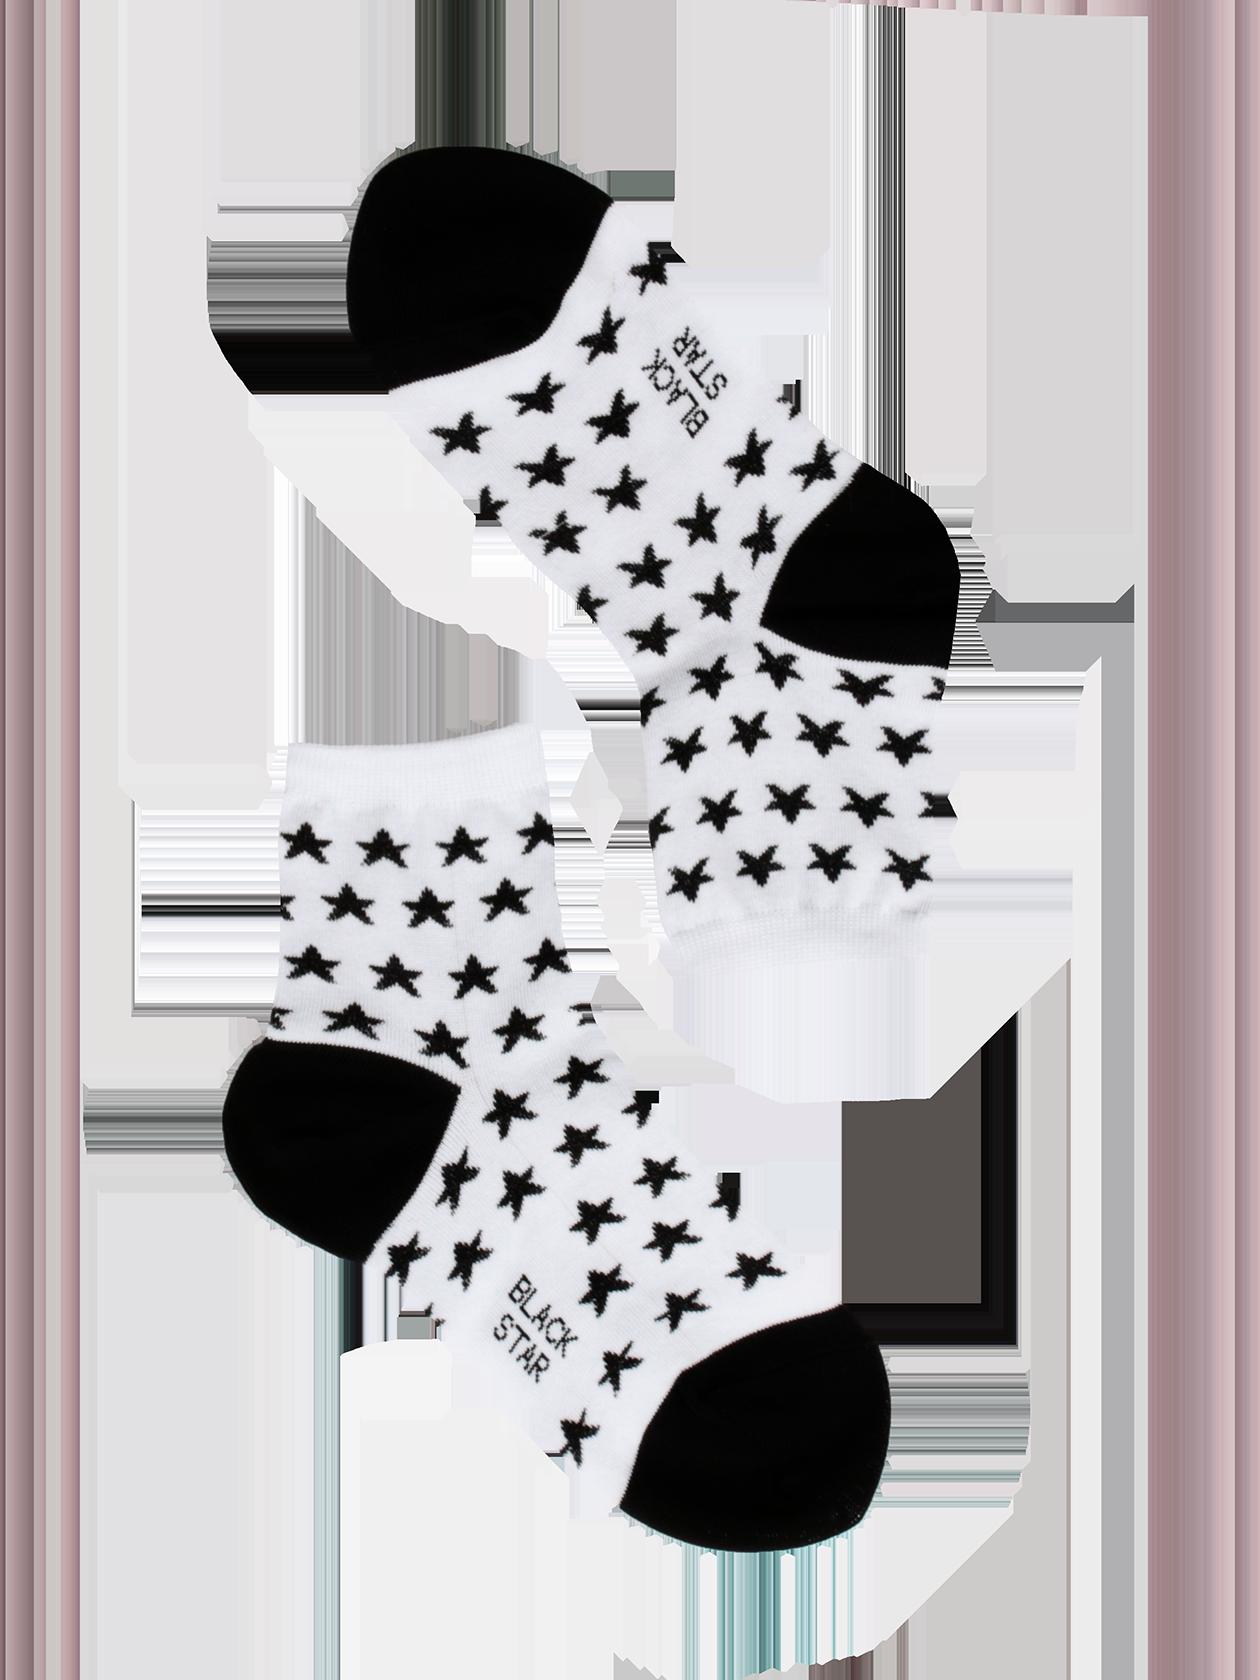 Носки детские SUPER STARНоски детские Super Star – обязательная вещь в каждом шкафу. Современная фабричная вязка, натуральный высококачественный материал обеспечивают комфорт и удобство во время активных движений. Модель представлена в двух цветовых вариантах – с черным задником, пяткой, звездами и белой стопой или белыми деталями на розовом фоне. Основание голенища дополнено фиксирующей резинкой. Носки детские из коллекции Black Star Wear отлично подходят для повседневной носки, выдерживают частые стирки.<br><br>Размер: 10-12 years<br>Цвет: Белый<br>Пол: Унисекс